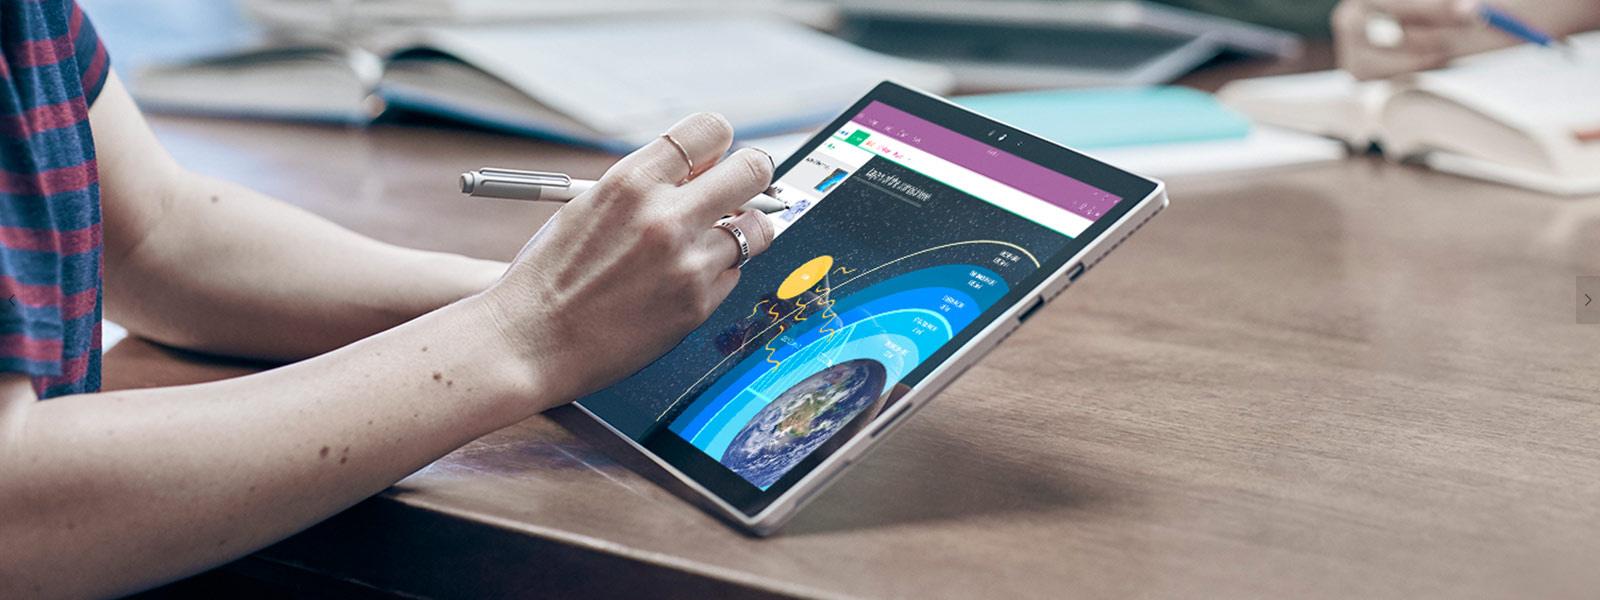 Henkilö käyttämässä Surface-kynää Surface Laptopissa tablettitilassa.